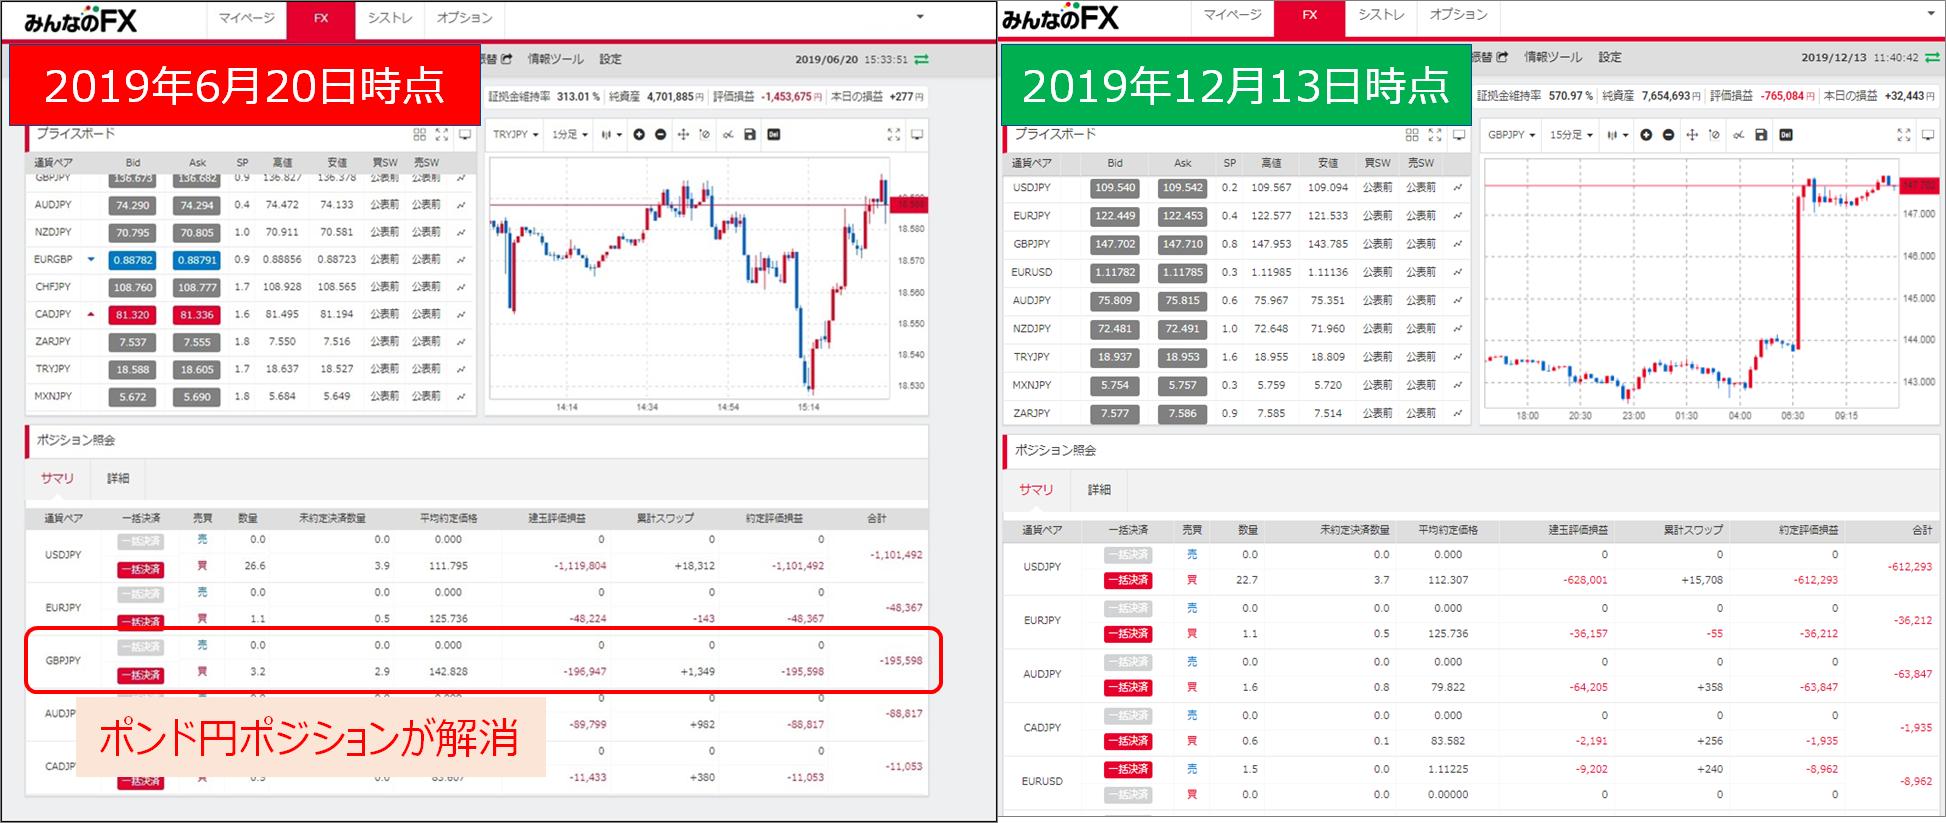 03みんなのFXポンド円2019年12月13日暴騰ポジション解消